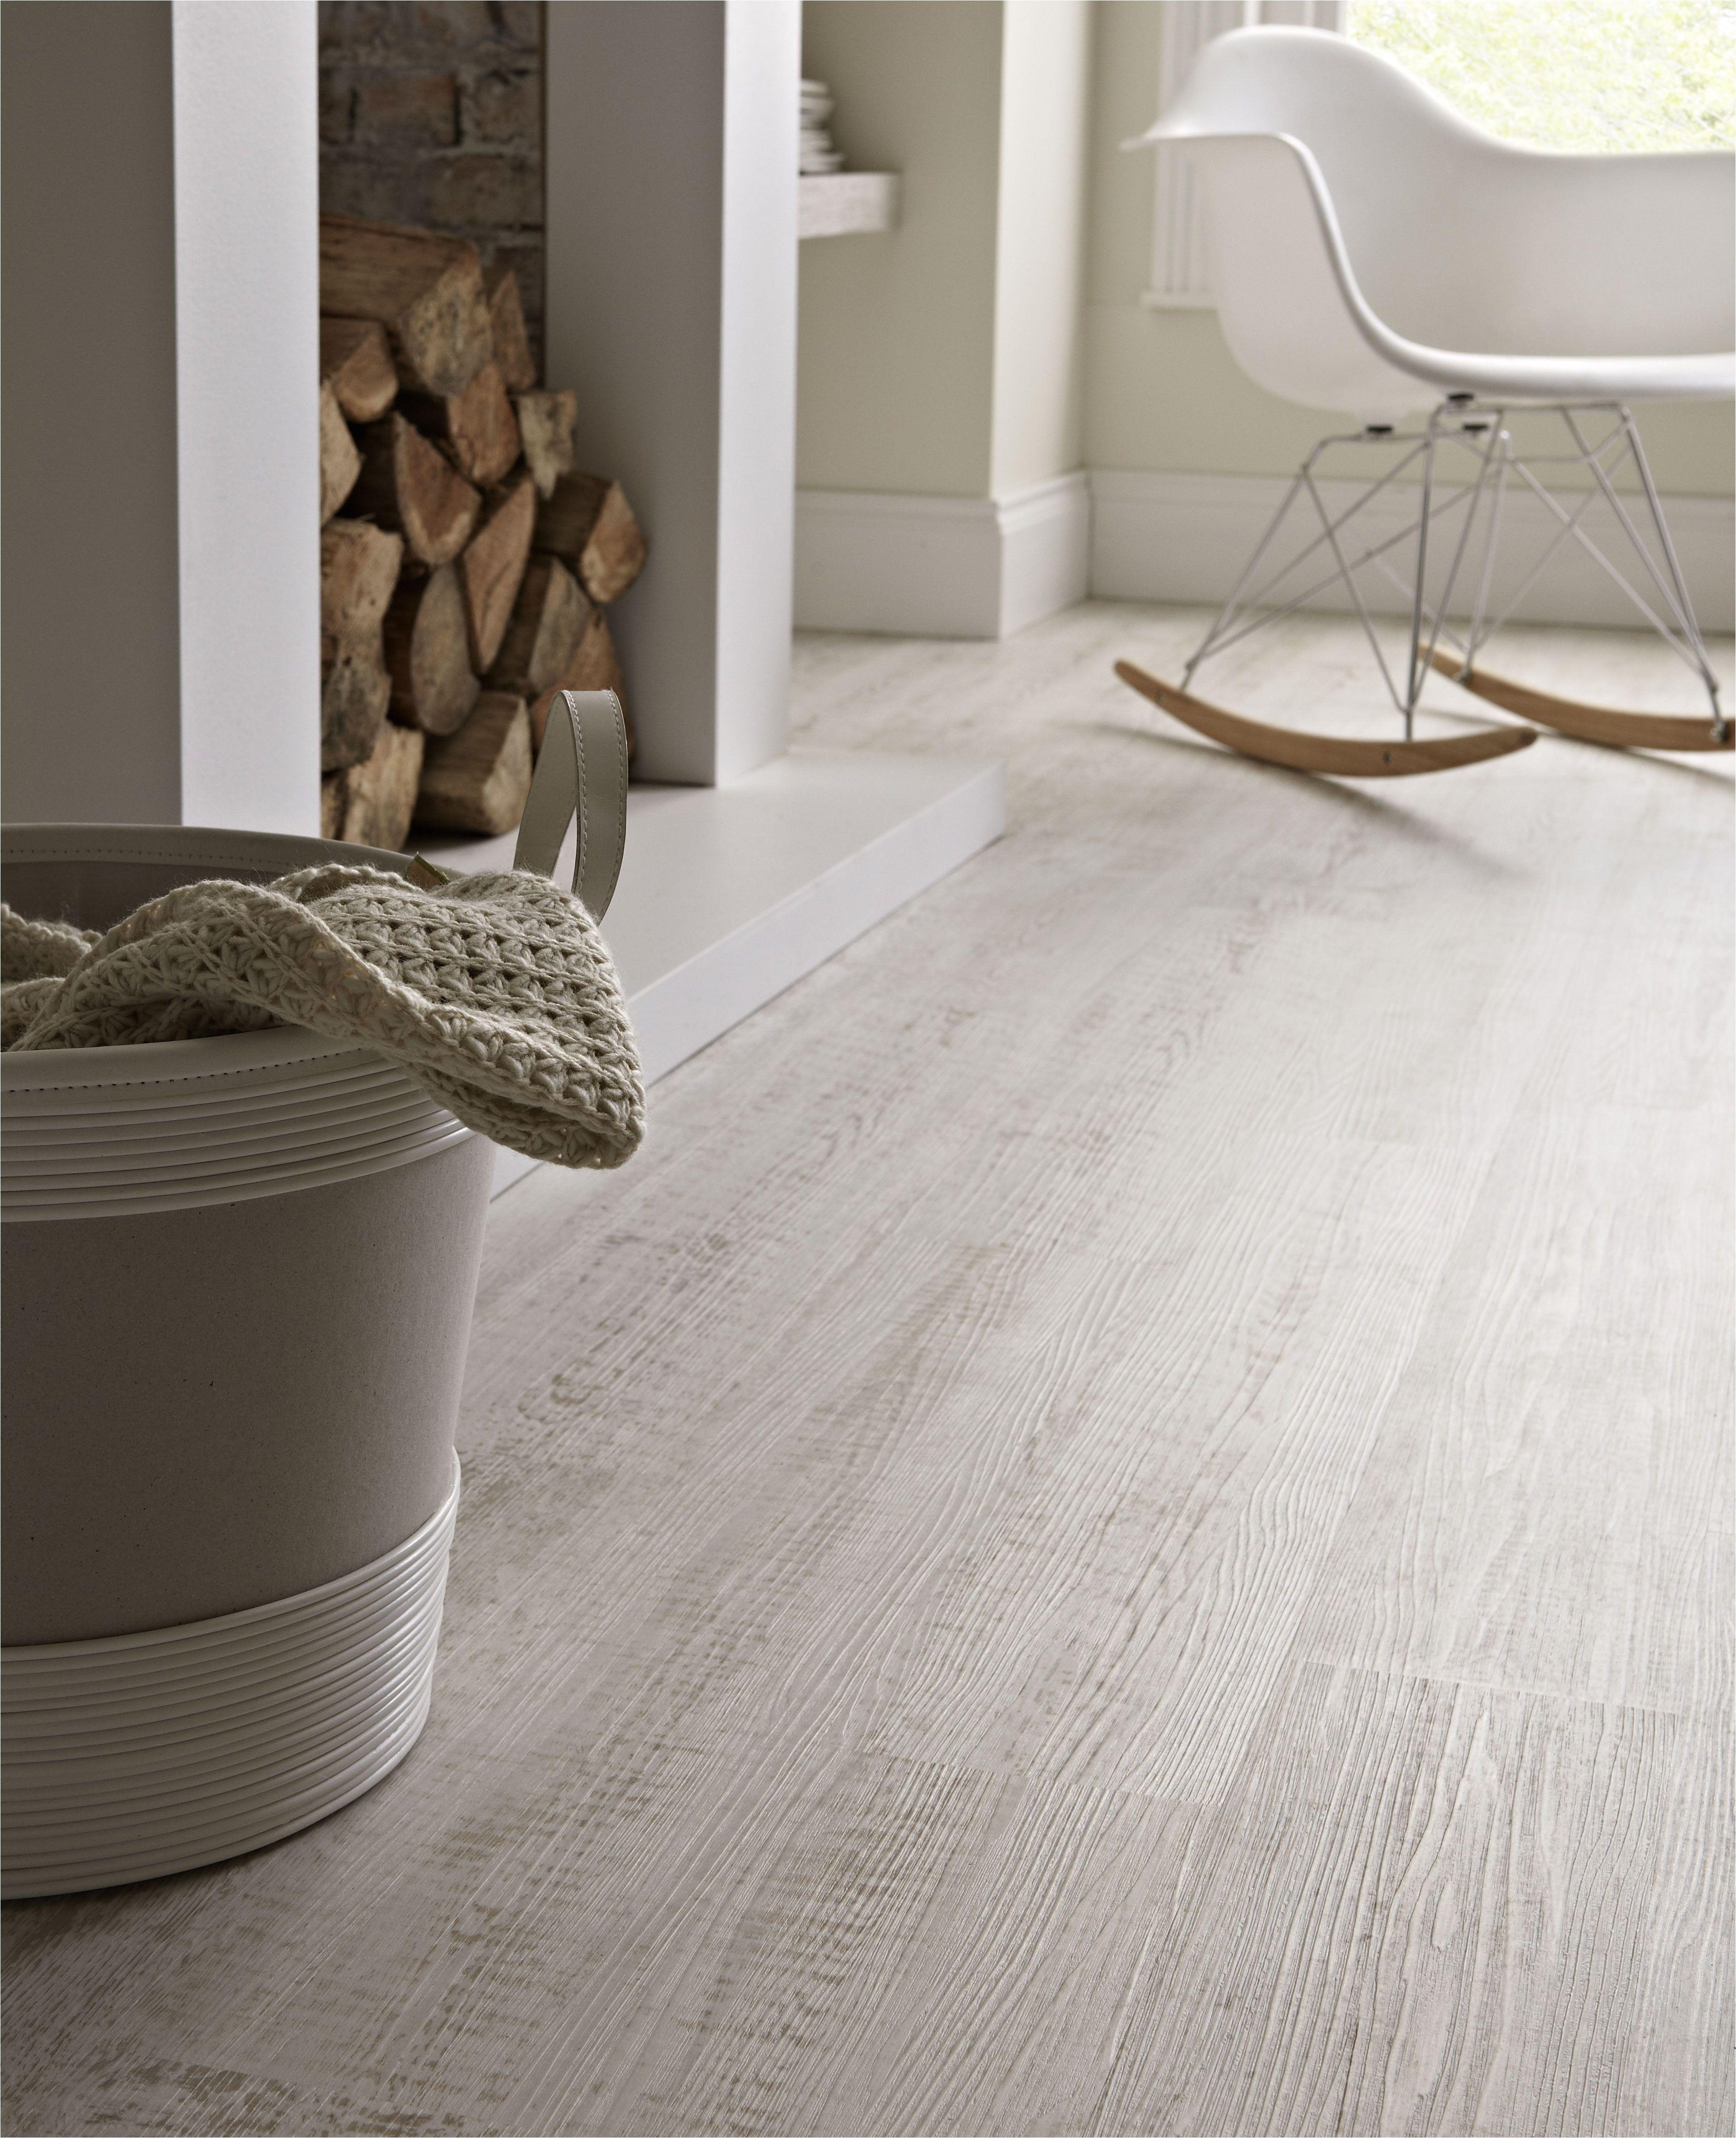 Engineered wood flooring white washed oak grey hardwood